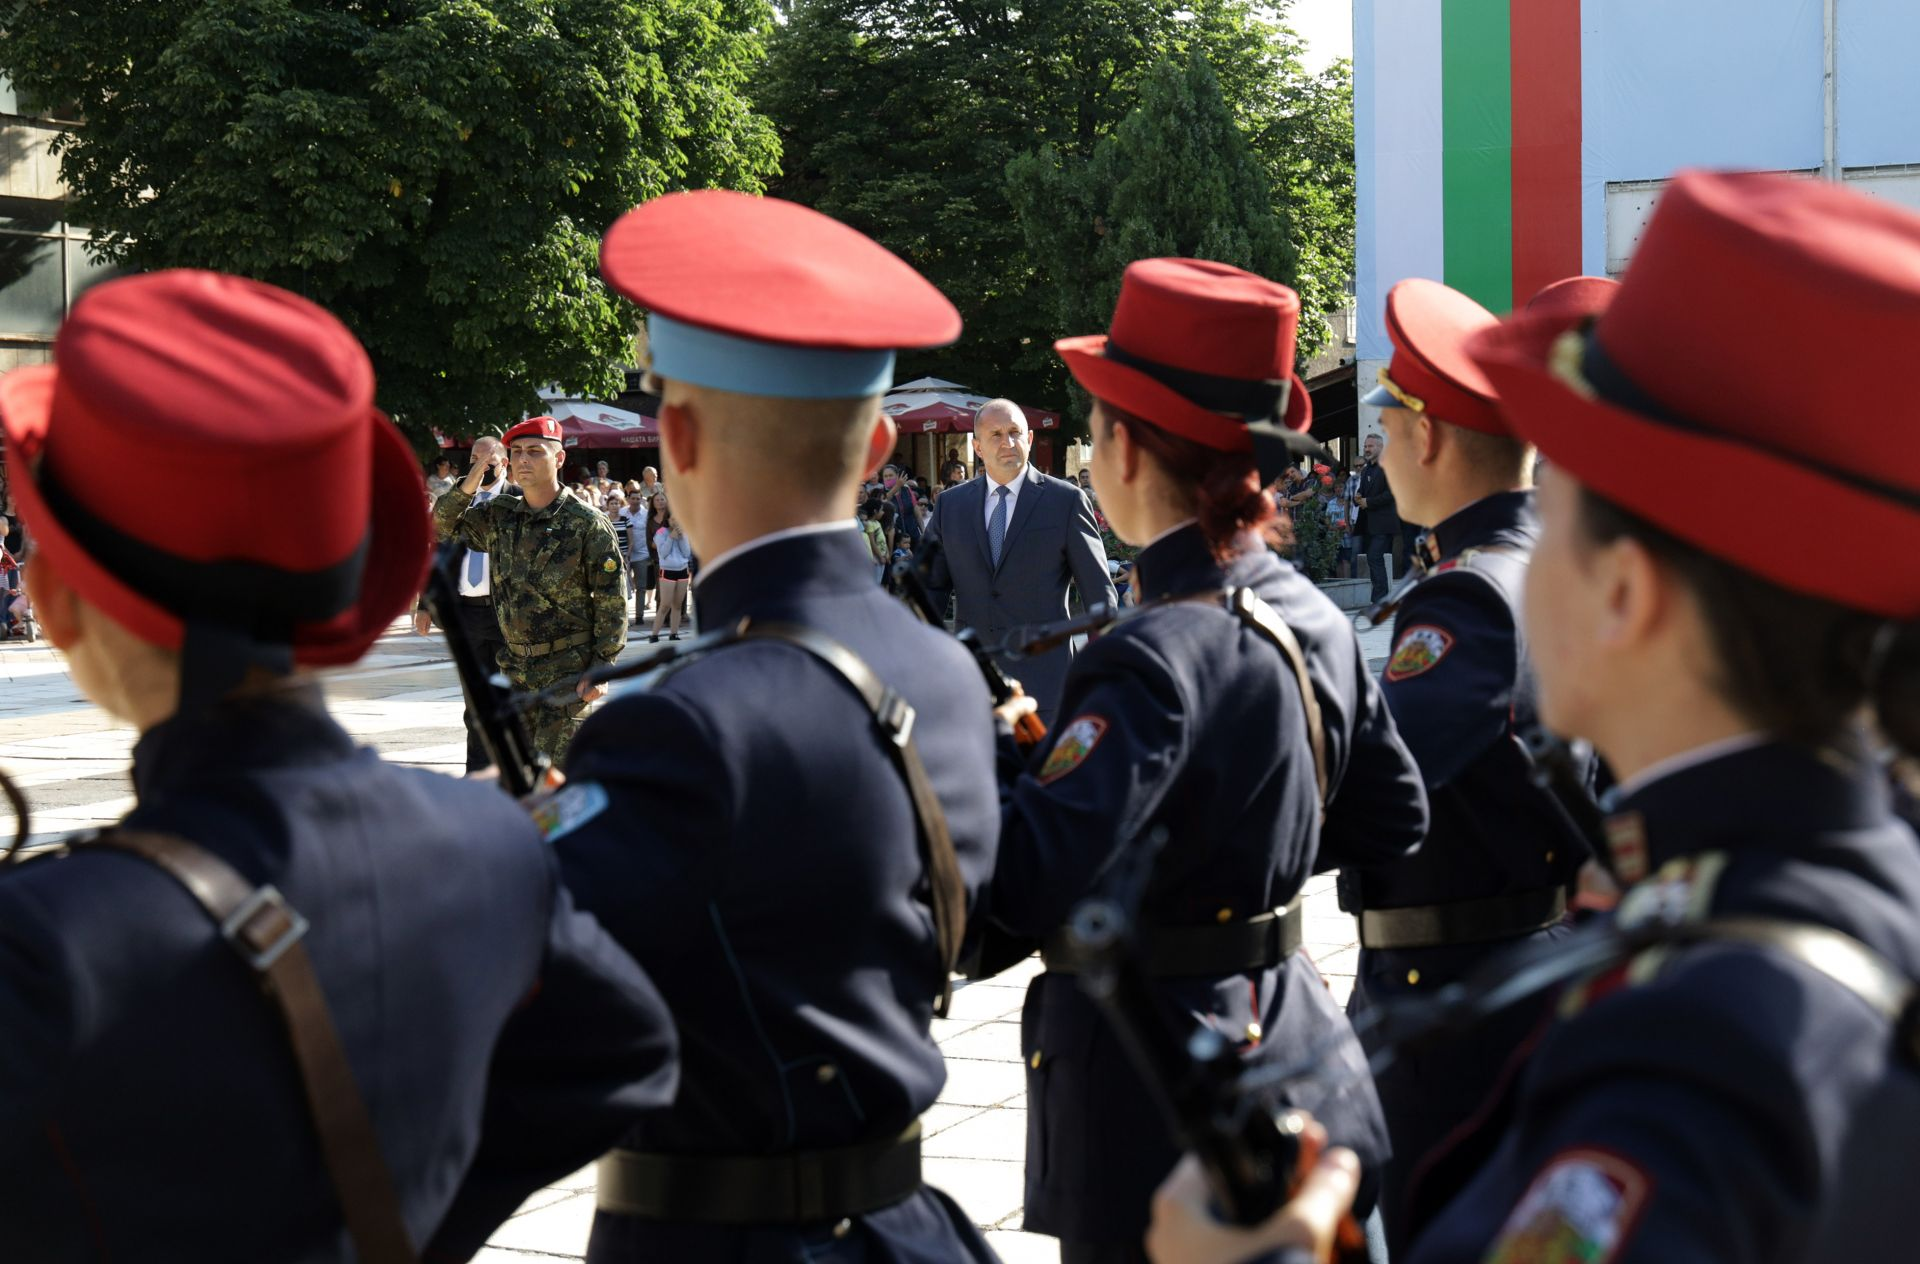 Тържествено посрещане на президента в Каспичан